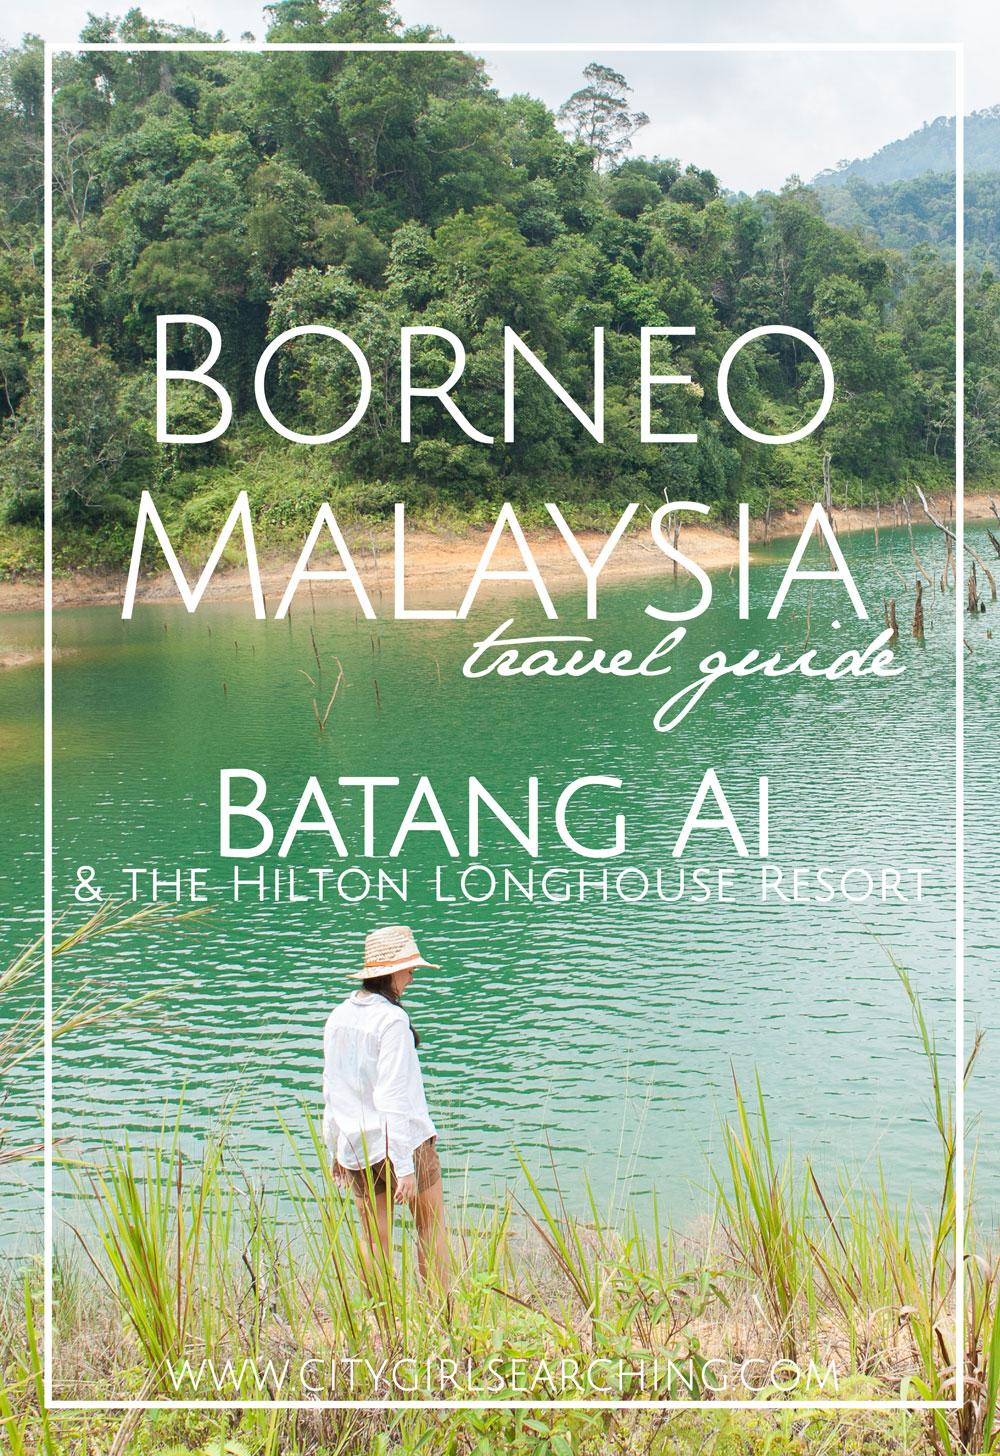 Borneo Malaysia Travel Guide Bantang Ai Lake Hilton Hotel